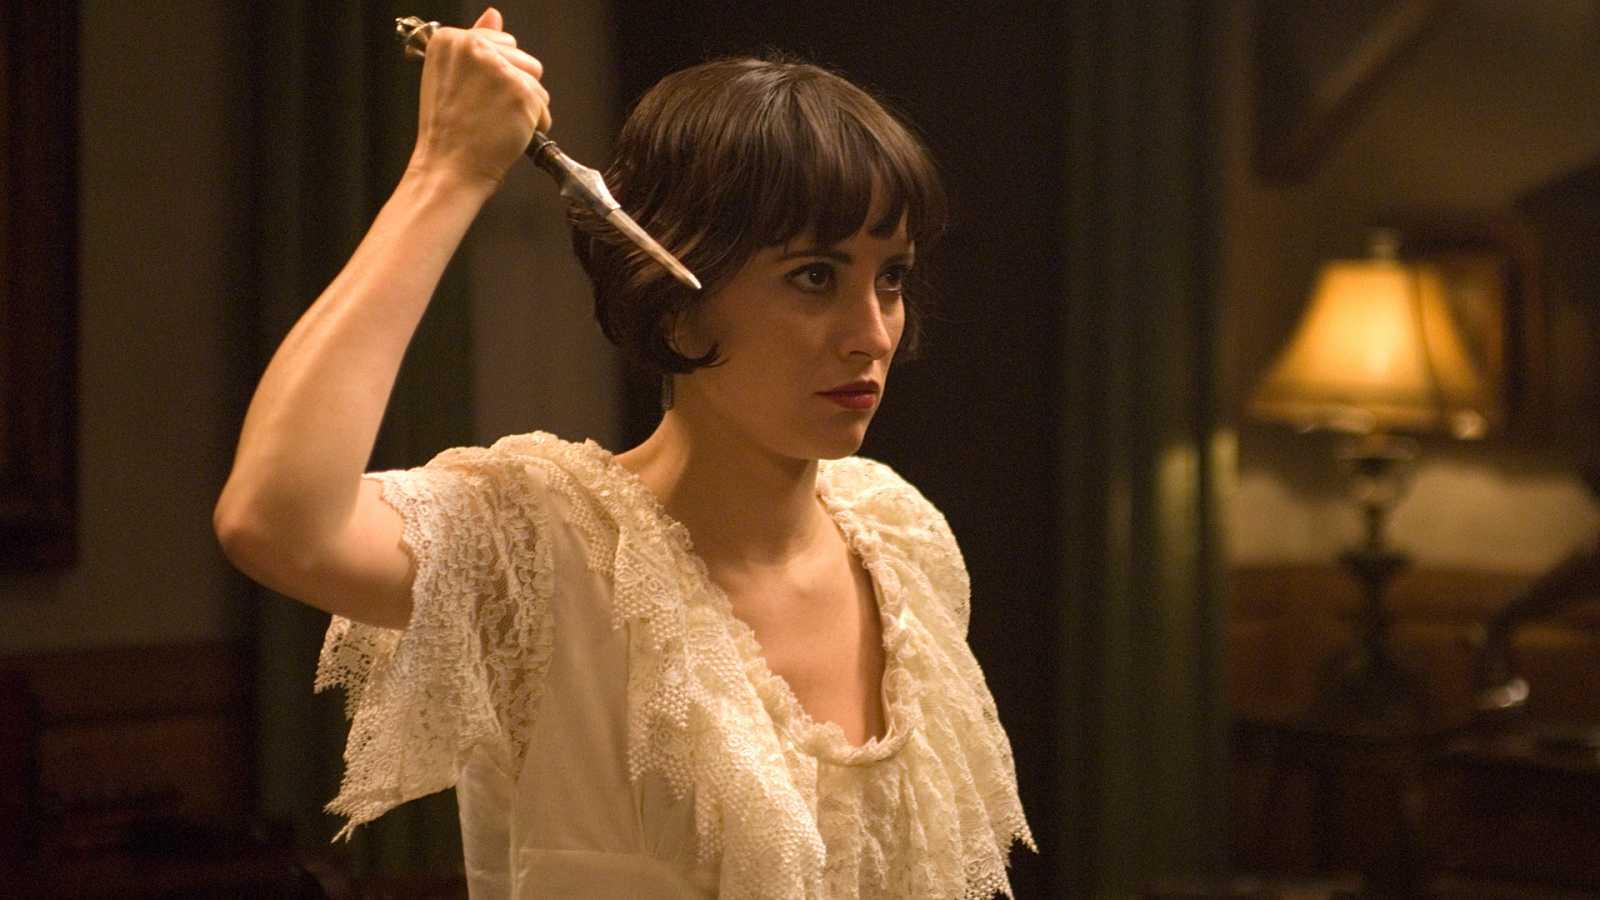 La Señora - Capítulo 4 - Hugo de Viana reta a duelo a Ángel - ver ahora